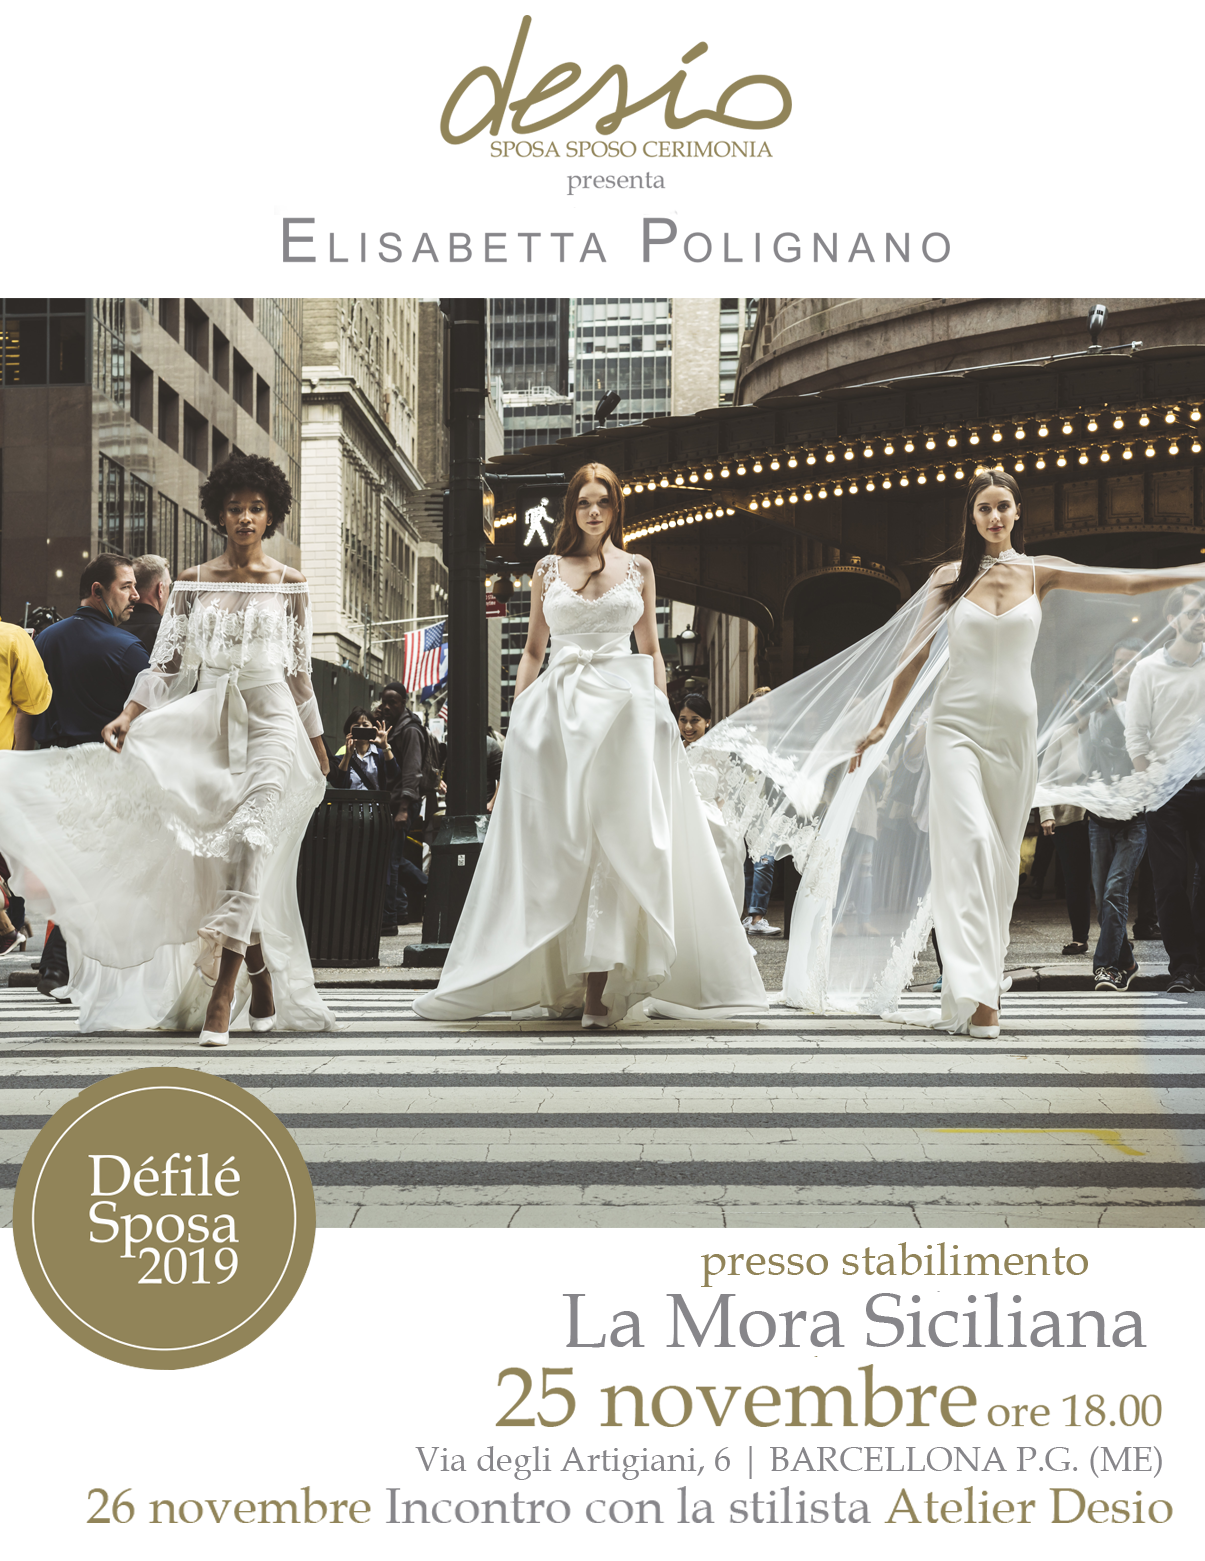 Sfilata presentazione Elisabetta Polignano 2019